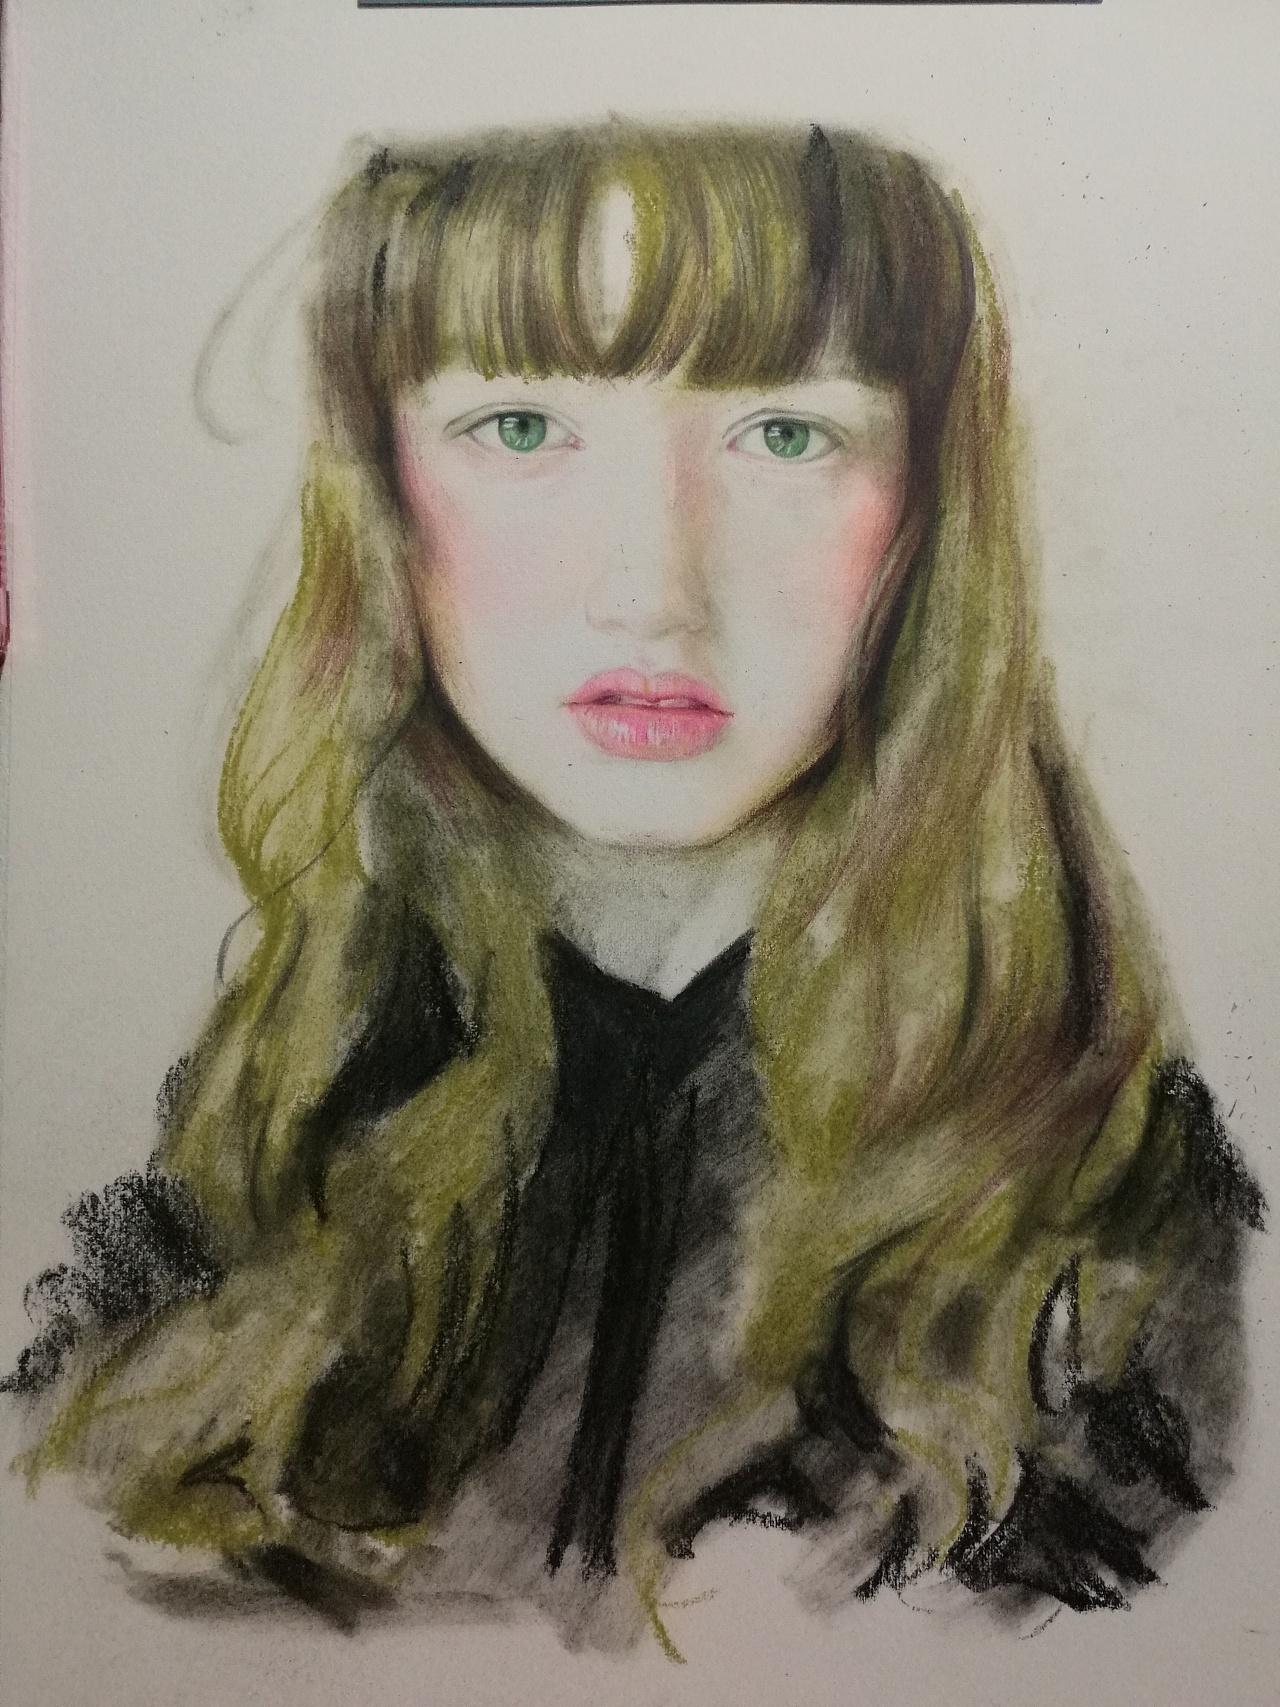 少女肖像彩铅|纯艺术|彩铅|art雯佩 - 原创作品图片